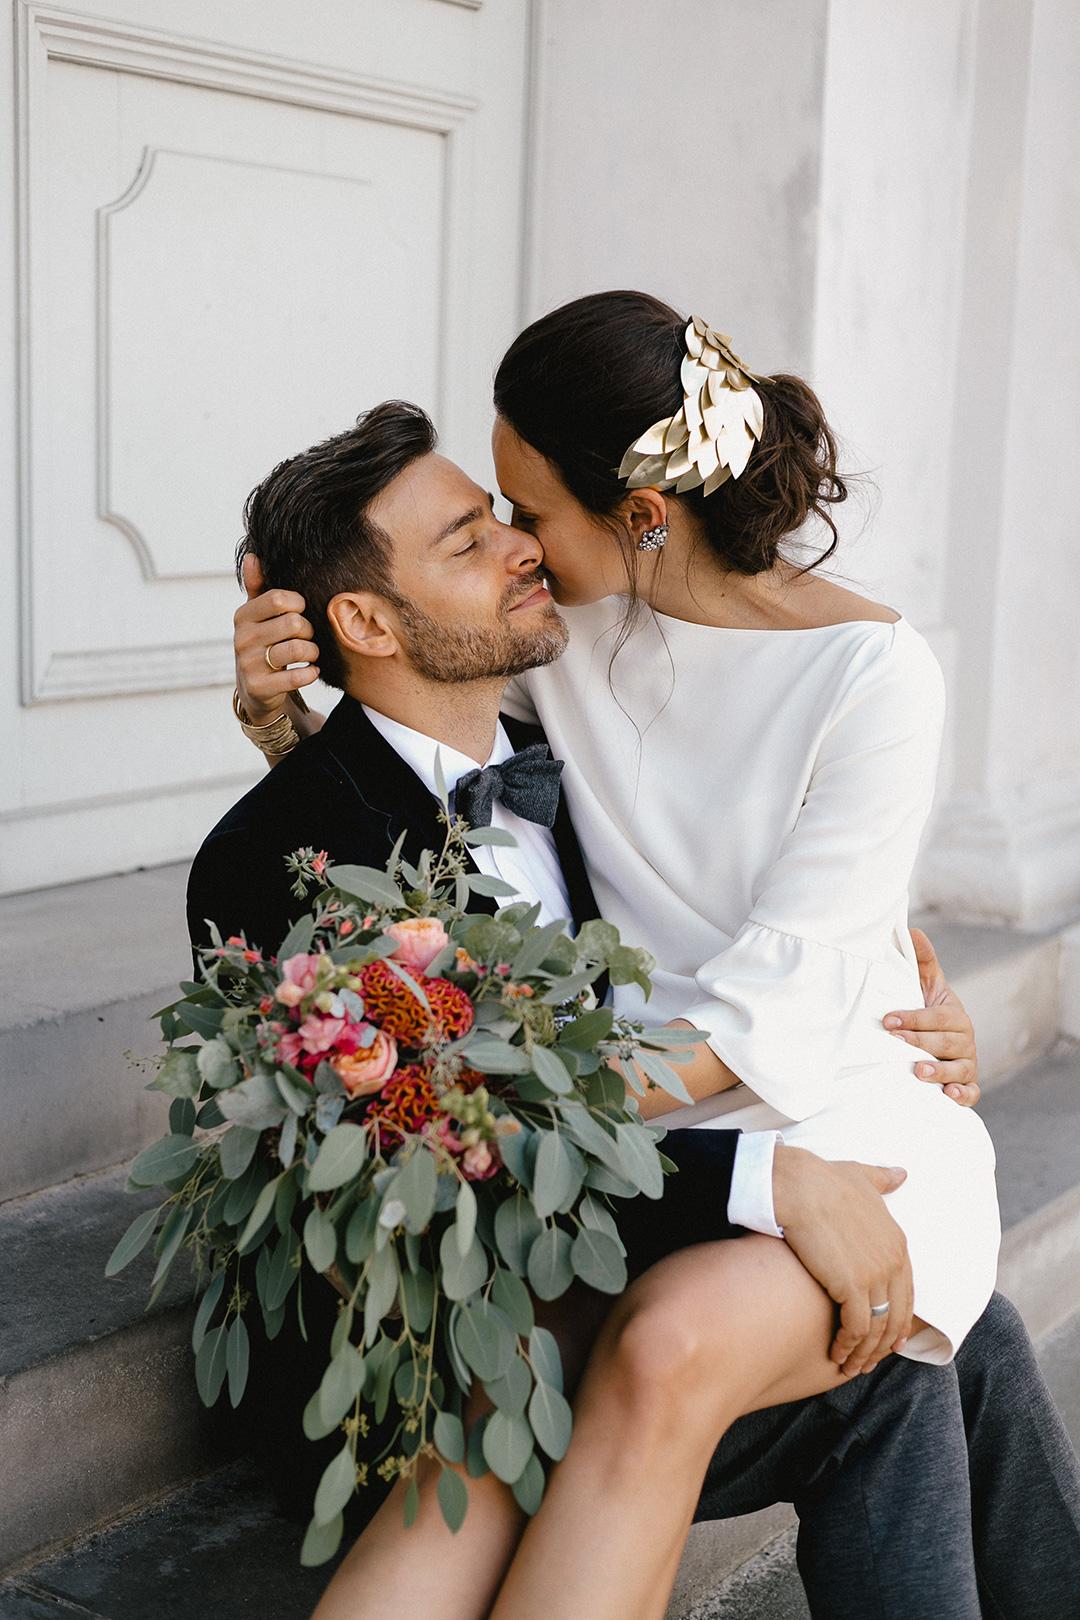 Heimliche Hochzeit - So schön kann sie sein - That\'s Life Berlin